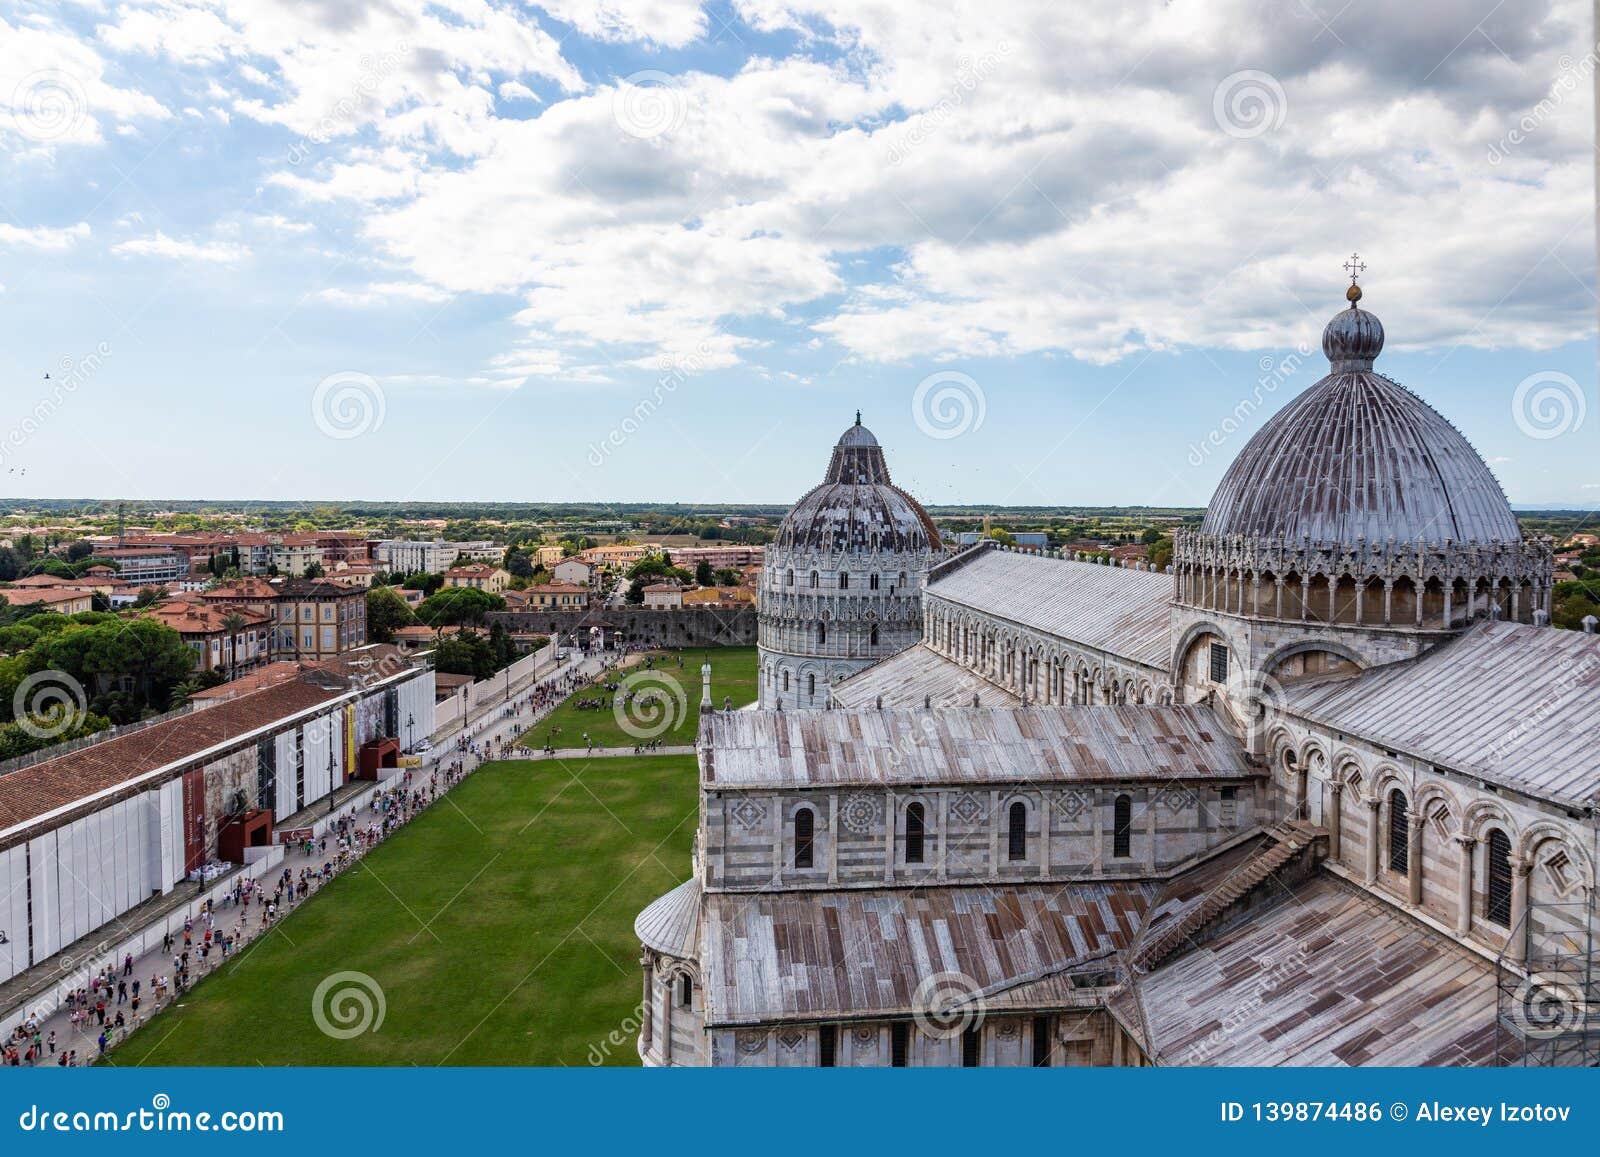 Vista da catedral de Pisa da parte superior da torre inclinada famosa na cidade de Pisa, Itália